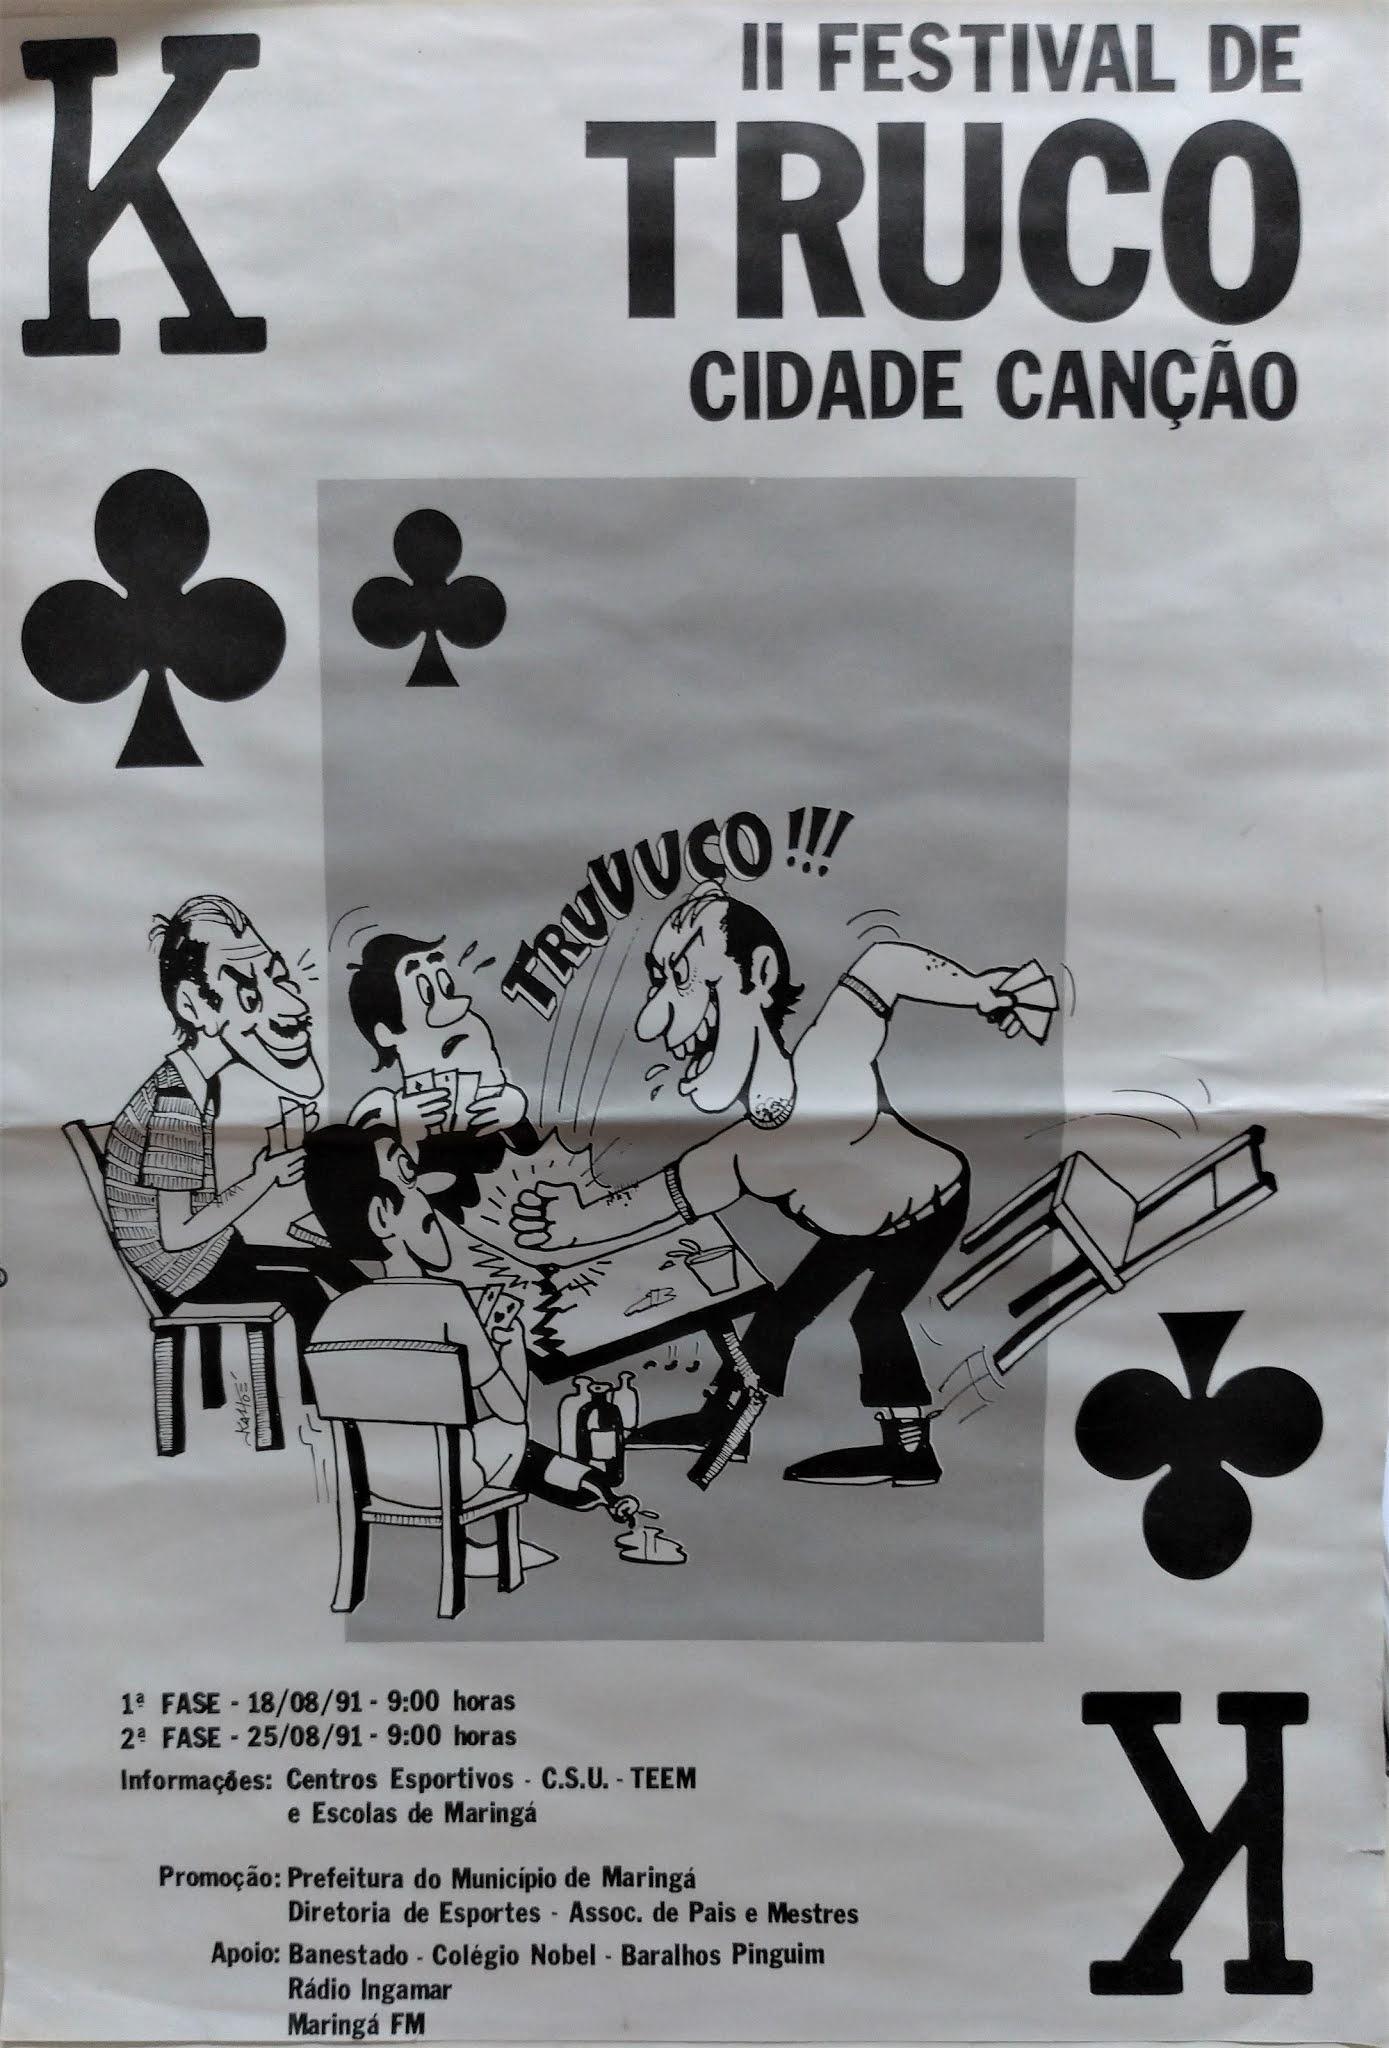 II Festival de Truco Cidade Canção - 1991